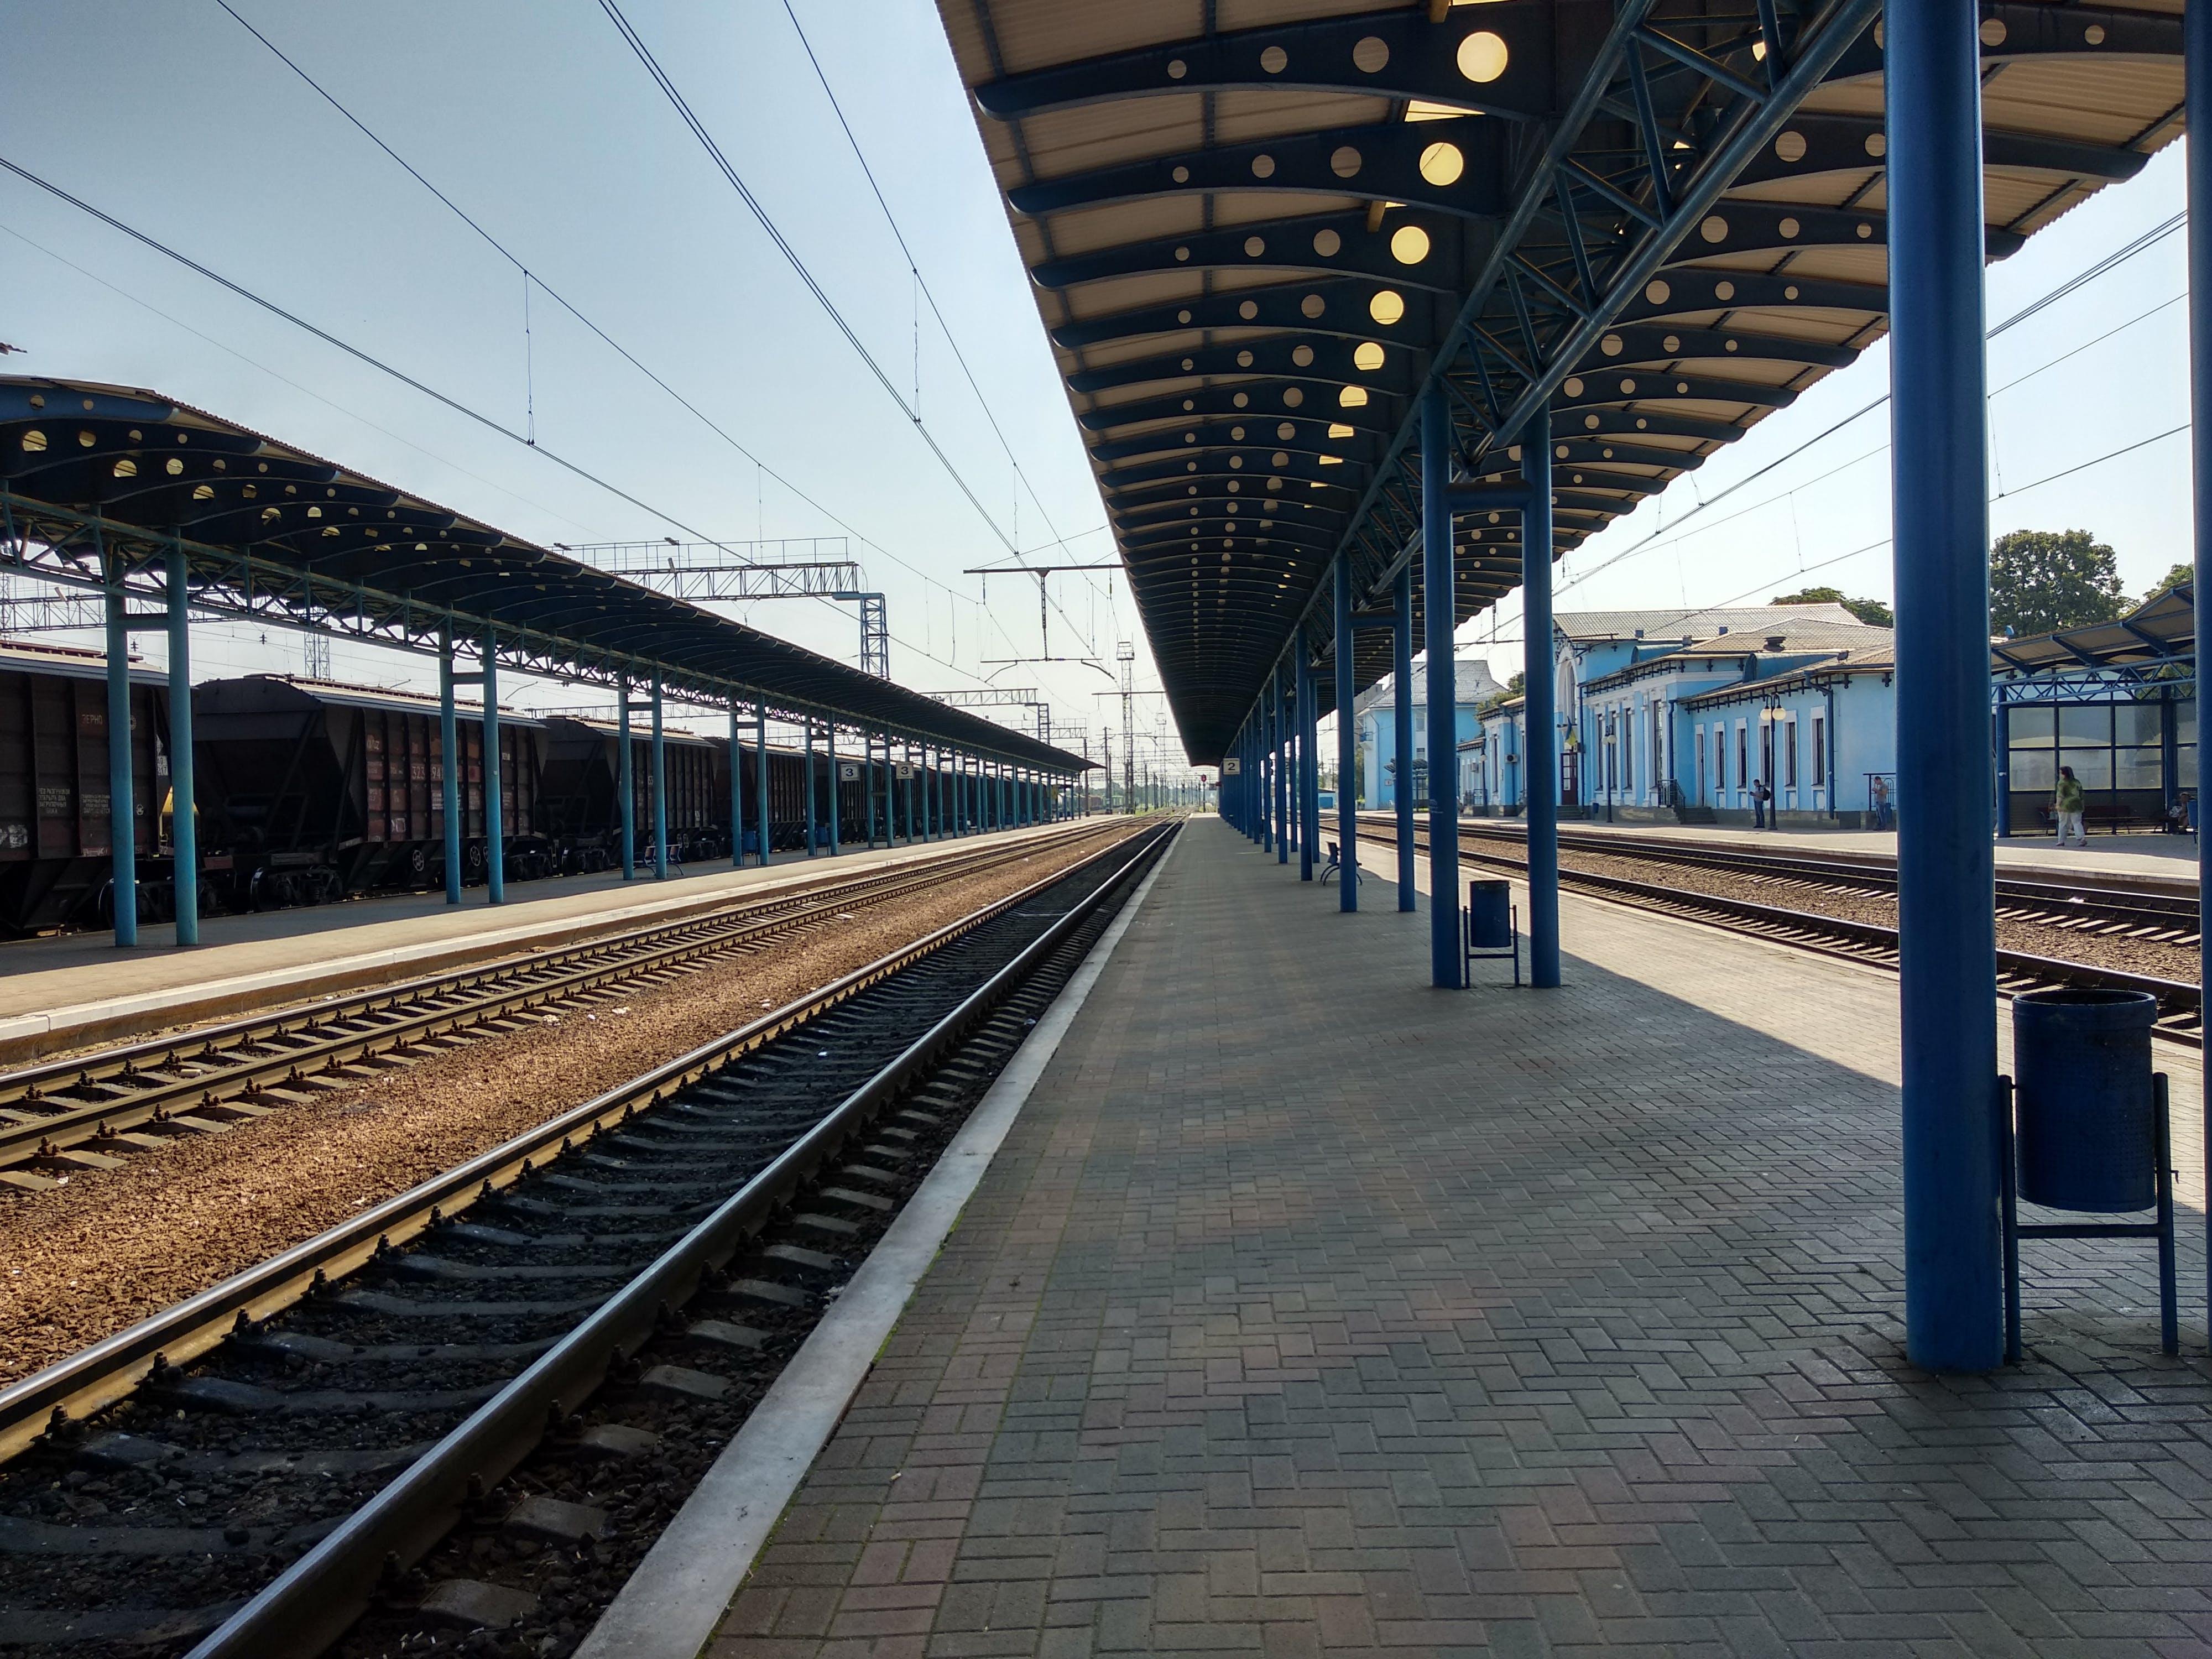 Gratis stockfoto met balustrade, ophouden, spoorlijn, spoorwegen